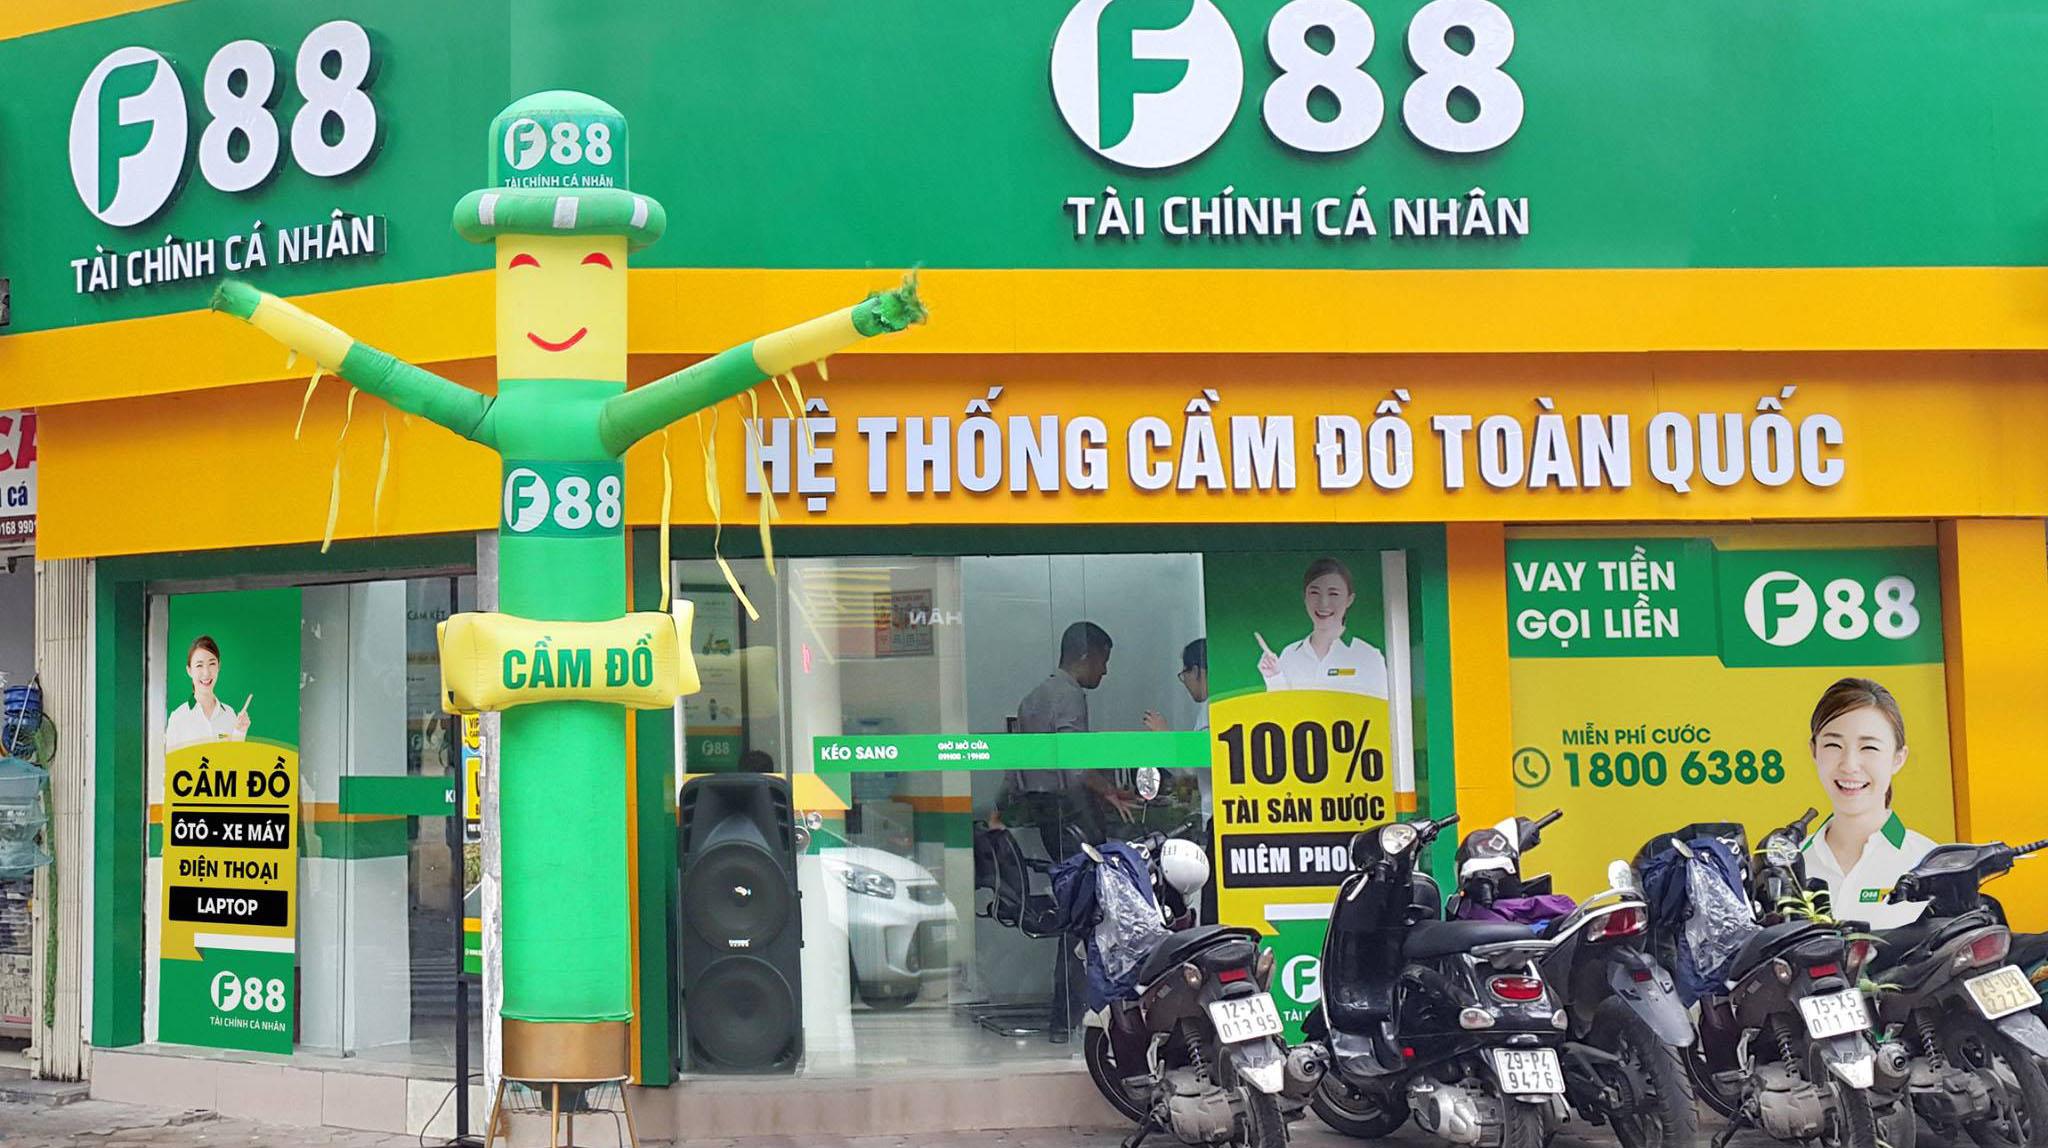 """Chân dung CEO Phùng Anh Tuấn: Từ """"kẻ cắp thông tin"""" đến """"ông trùm"""" cầm đồ - Ảnh 3"""